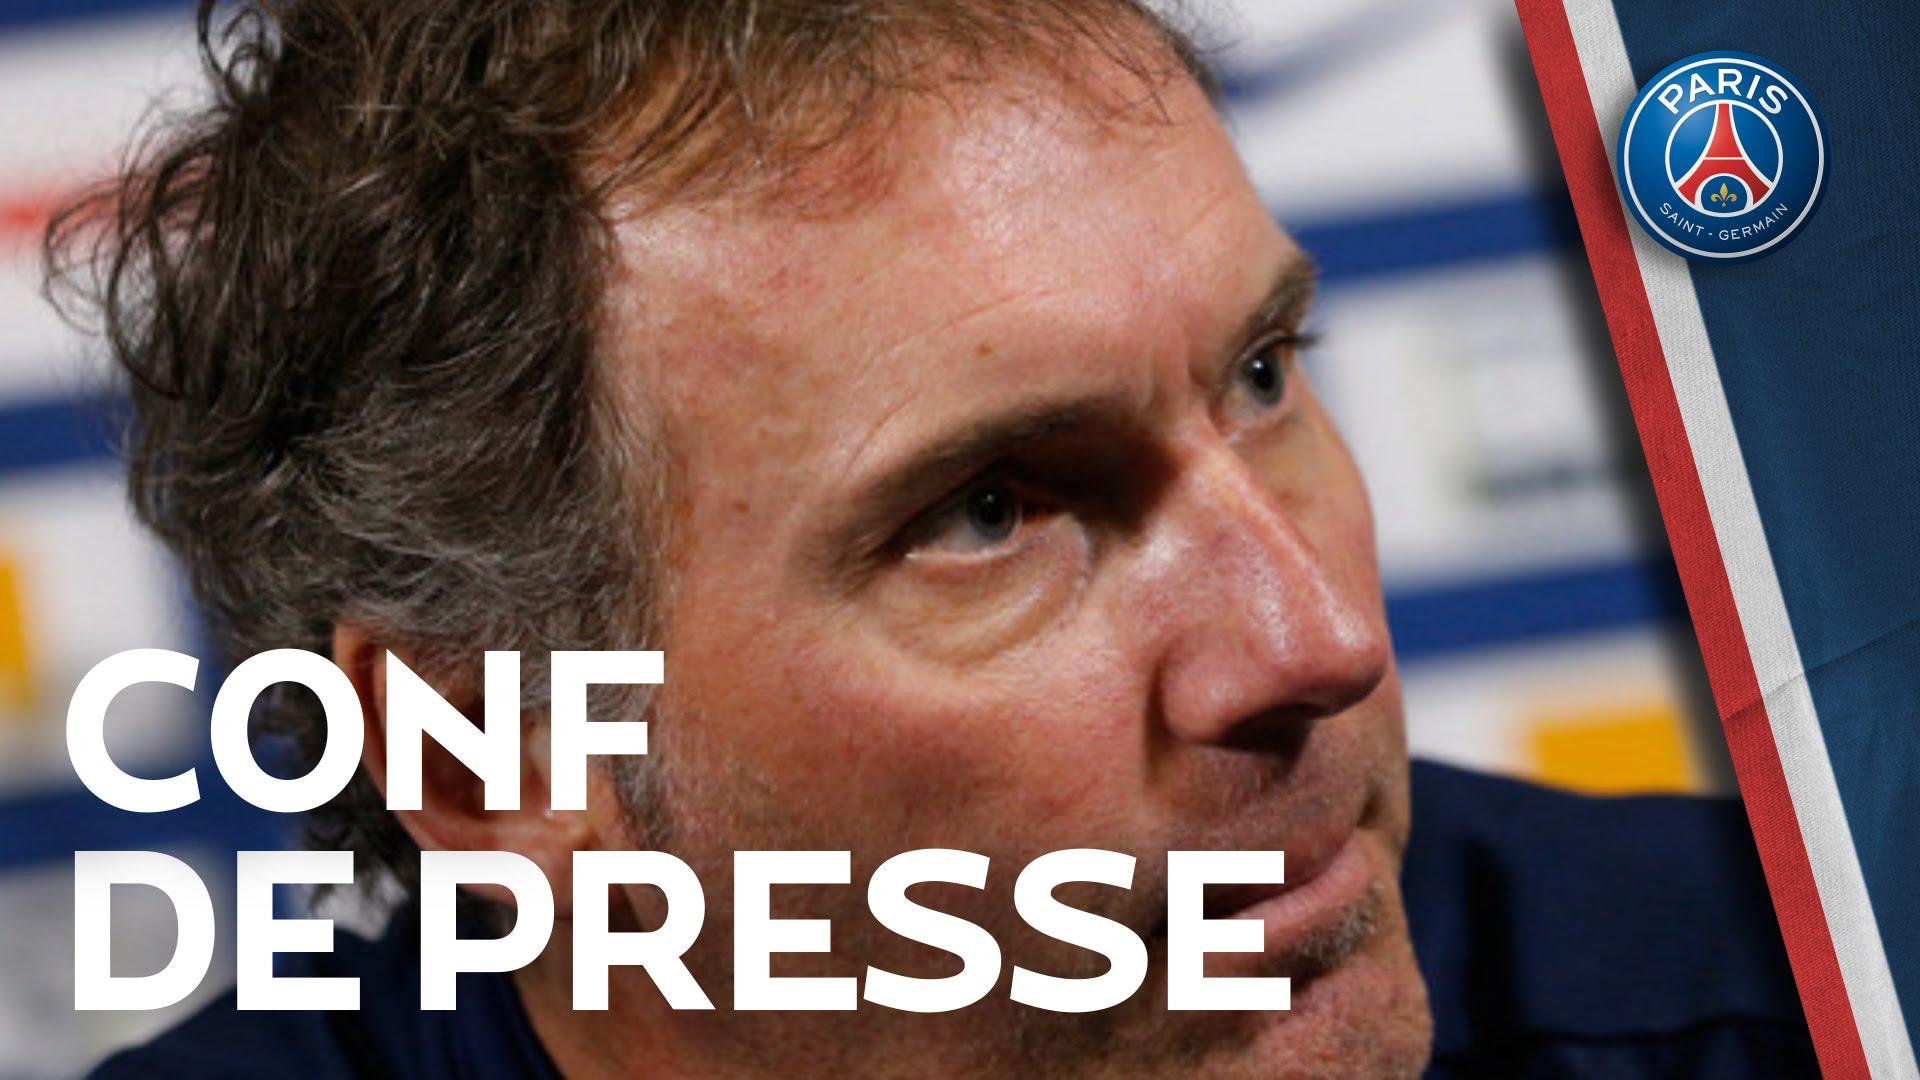 Conférence de Presse de Laurent Blanc